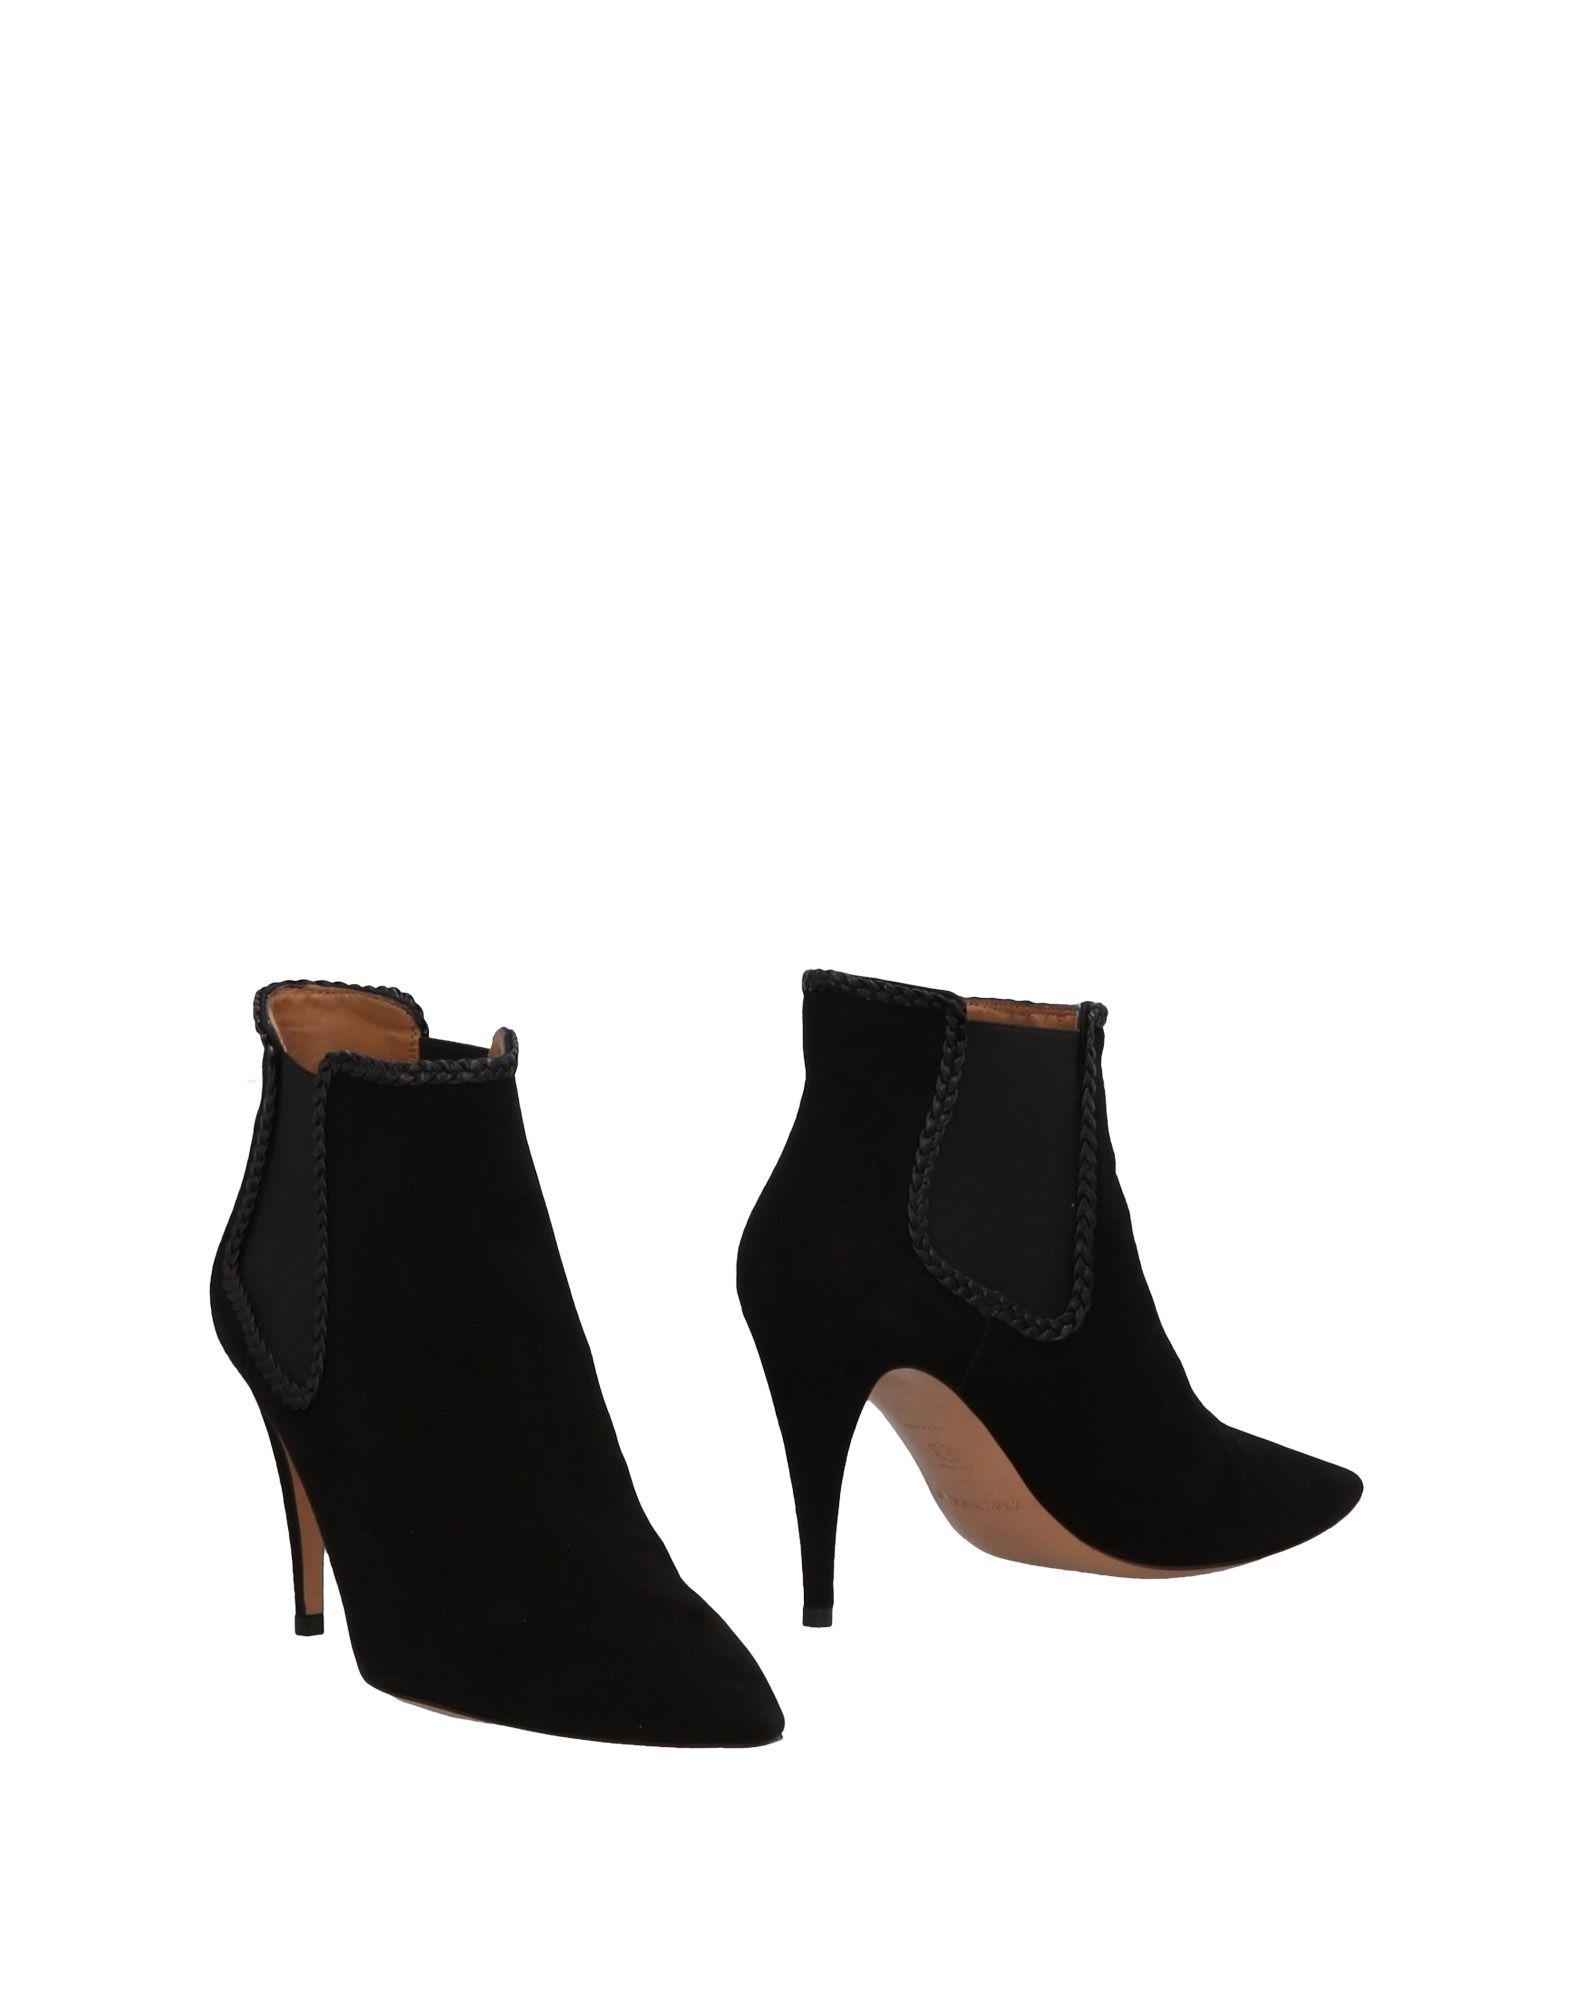 Pura López Stiefelette Damen  11469227TPGut aussehende strapazierfähige Schuhe